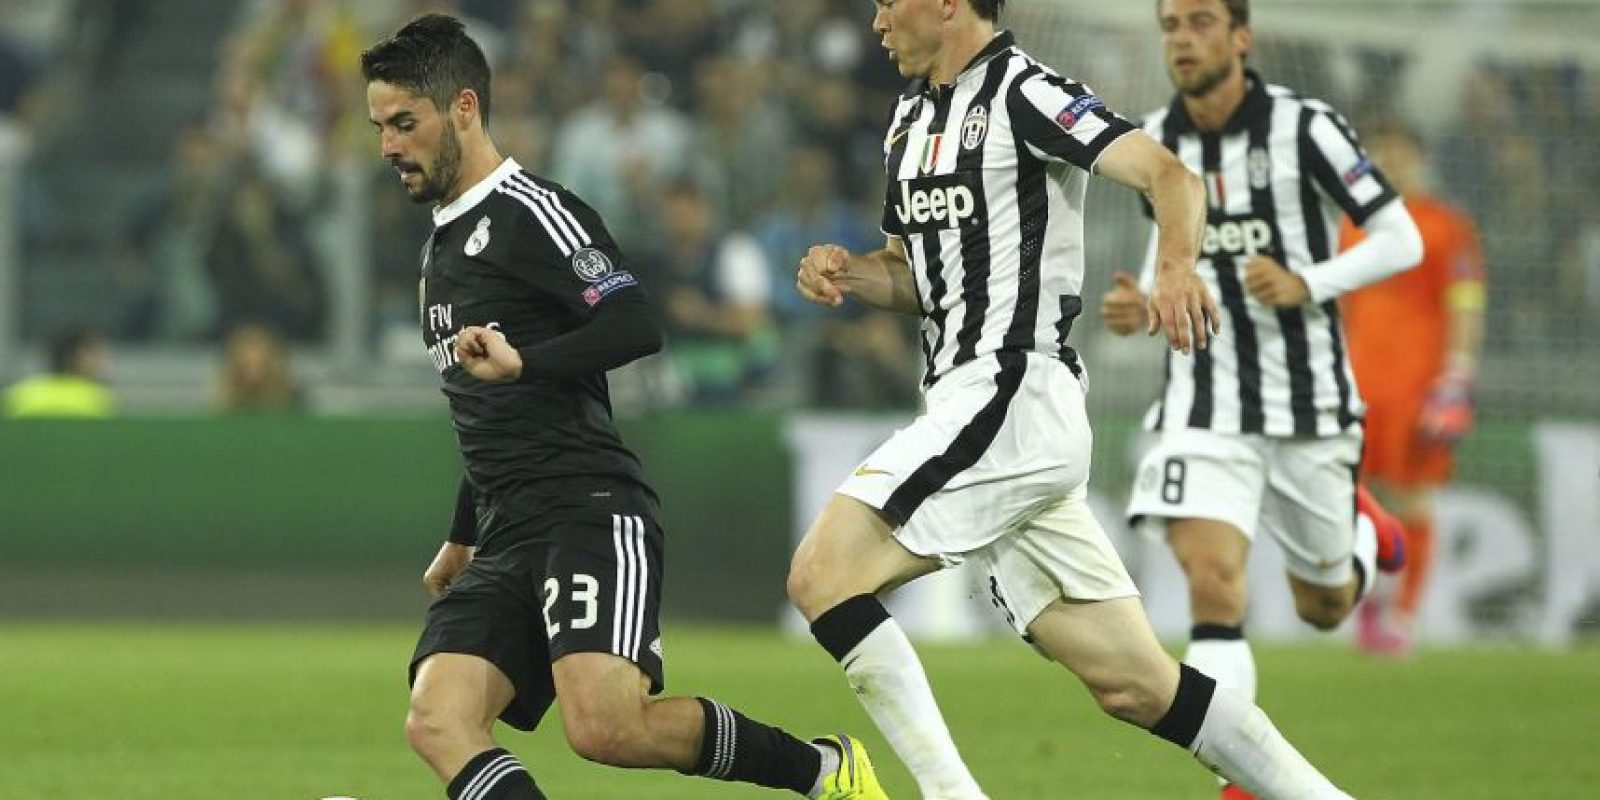 Pero al Madrid le basta con ganar 1-0 en el partido de vuelta para llegar a su segunda final consecutiva Foto:Getty Images